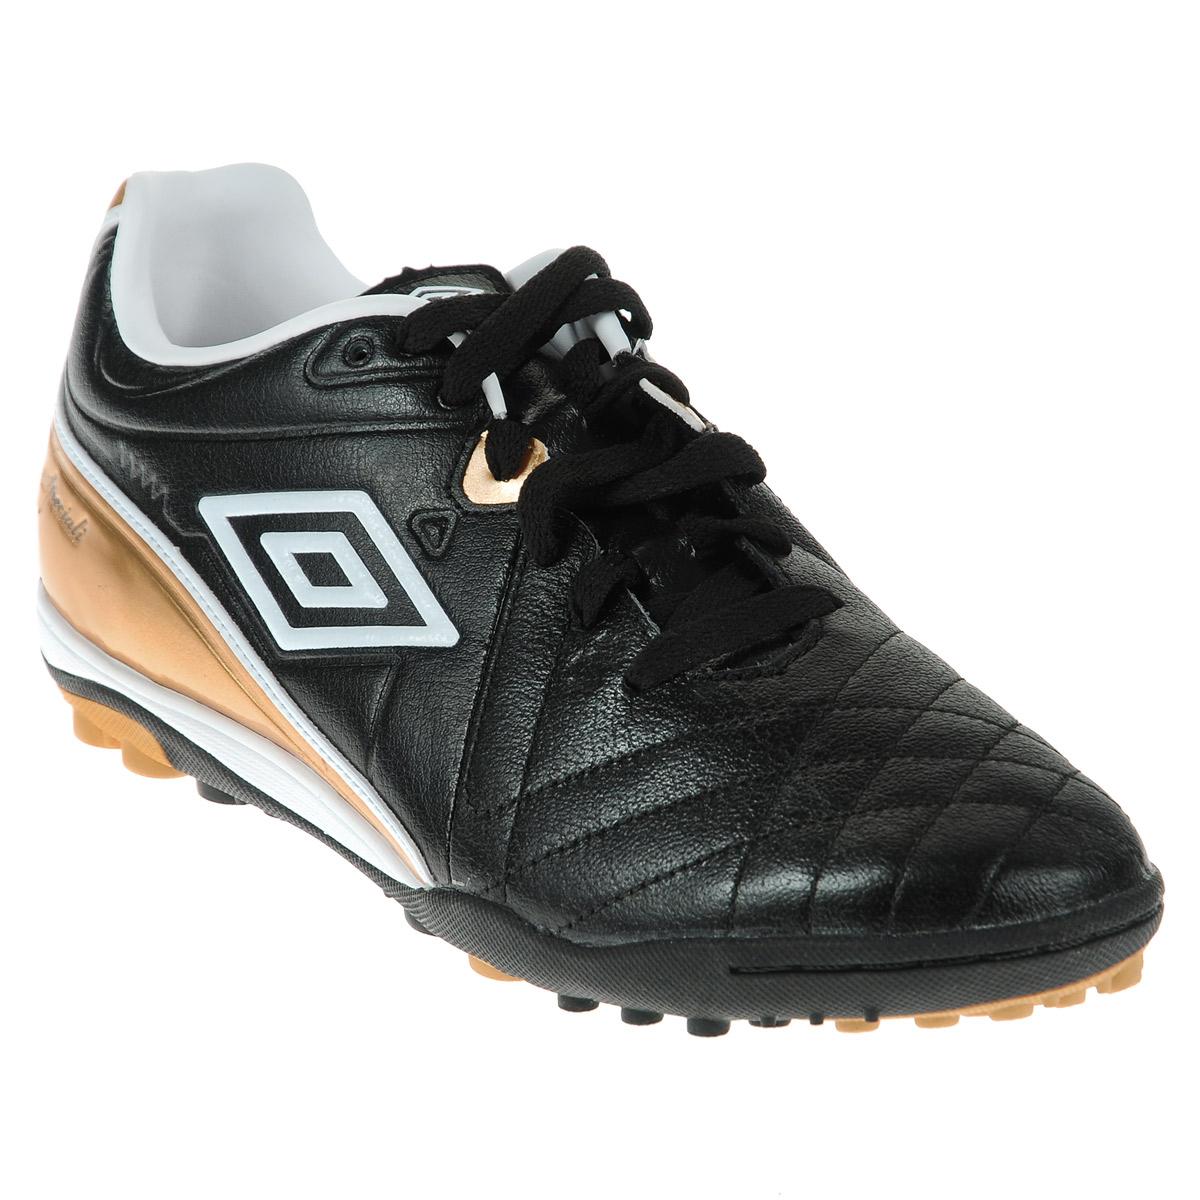 Шиповки футбольные UMBRO Specili 4 Premio, цвет: черный, белый, бронзовый. 80777. Размер 41,5